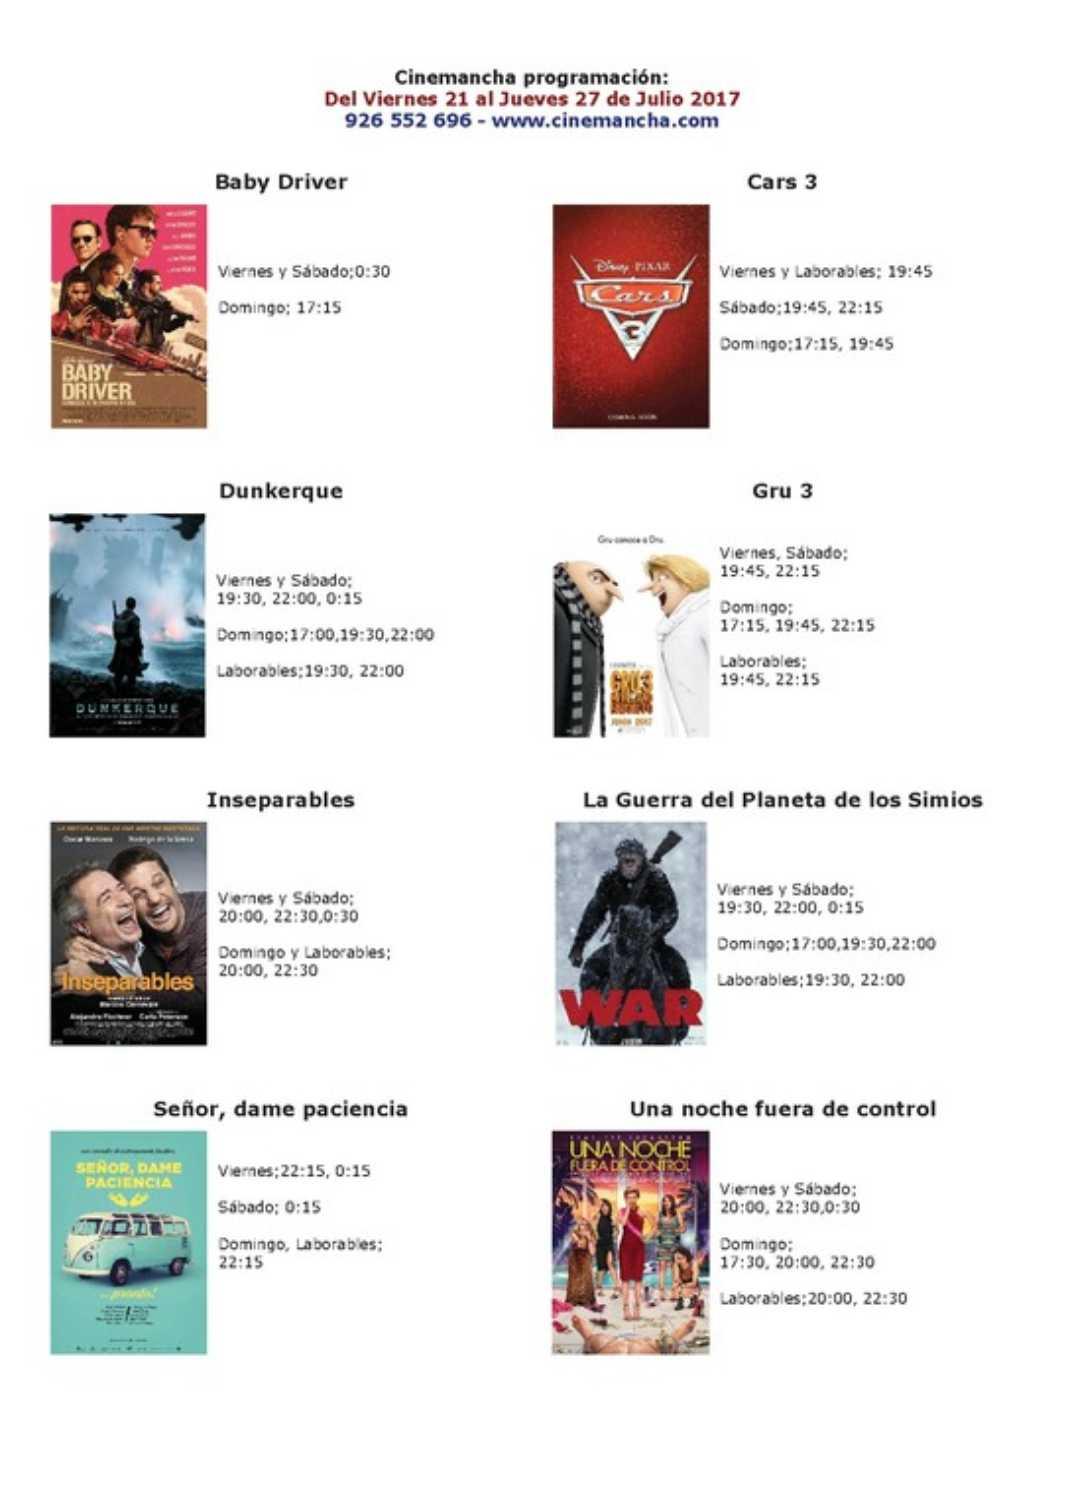 cartelera de cinemancha del 21 al 27 de julio 1068x1511 - Programación Cinemancha del viernes 21 al jueves 27 de Julio